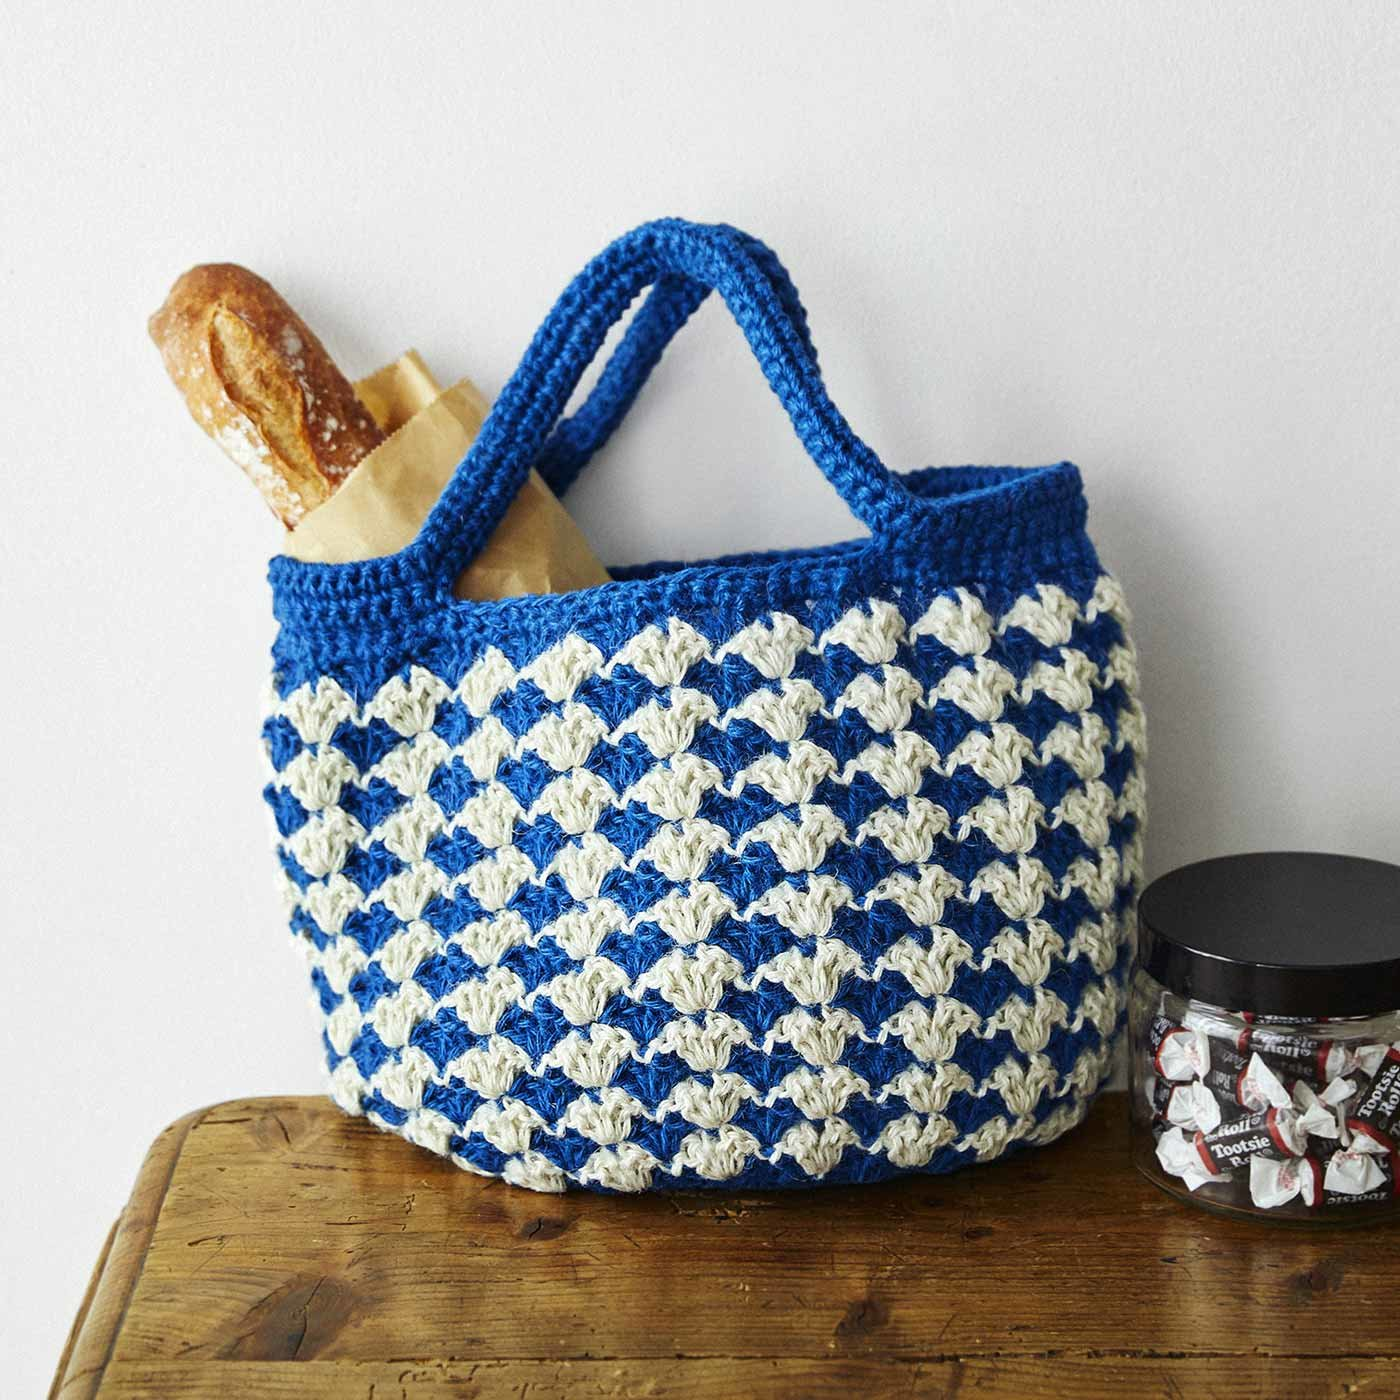 華やかカラーをアクセントに かぎ針編みジュート糸 カジュアルバッグの会